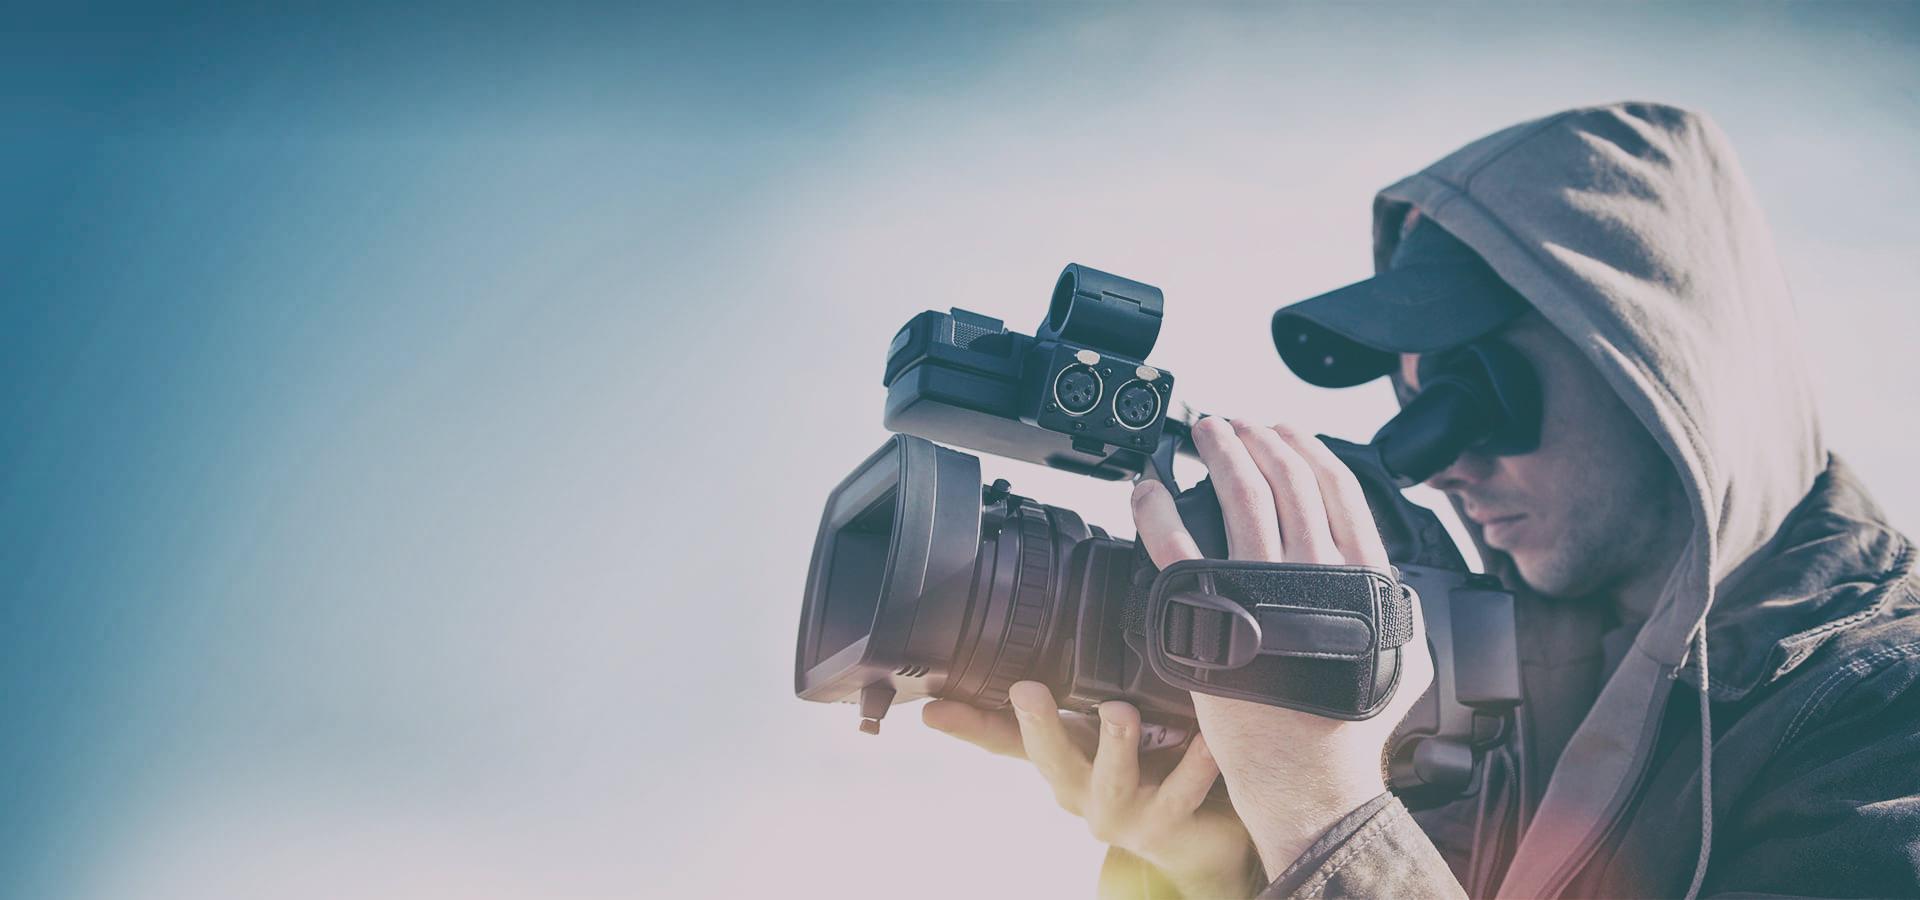 Videó készítés referenciák